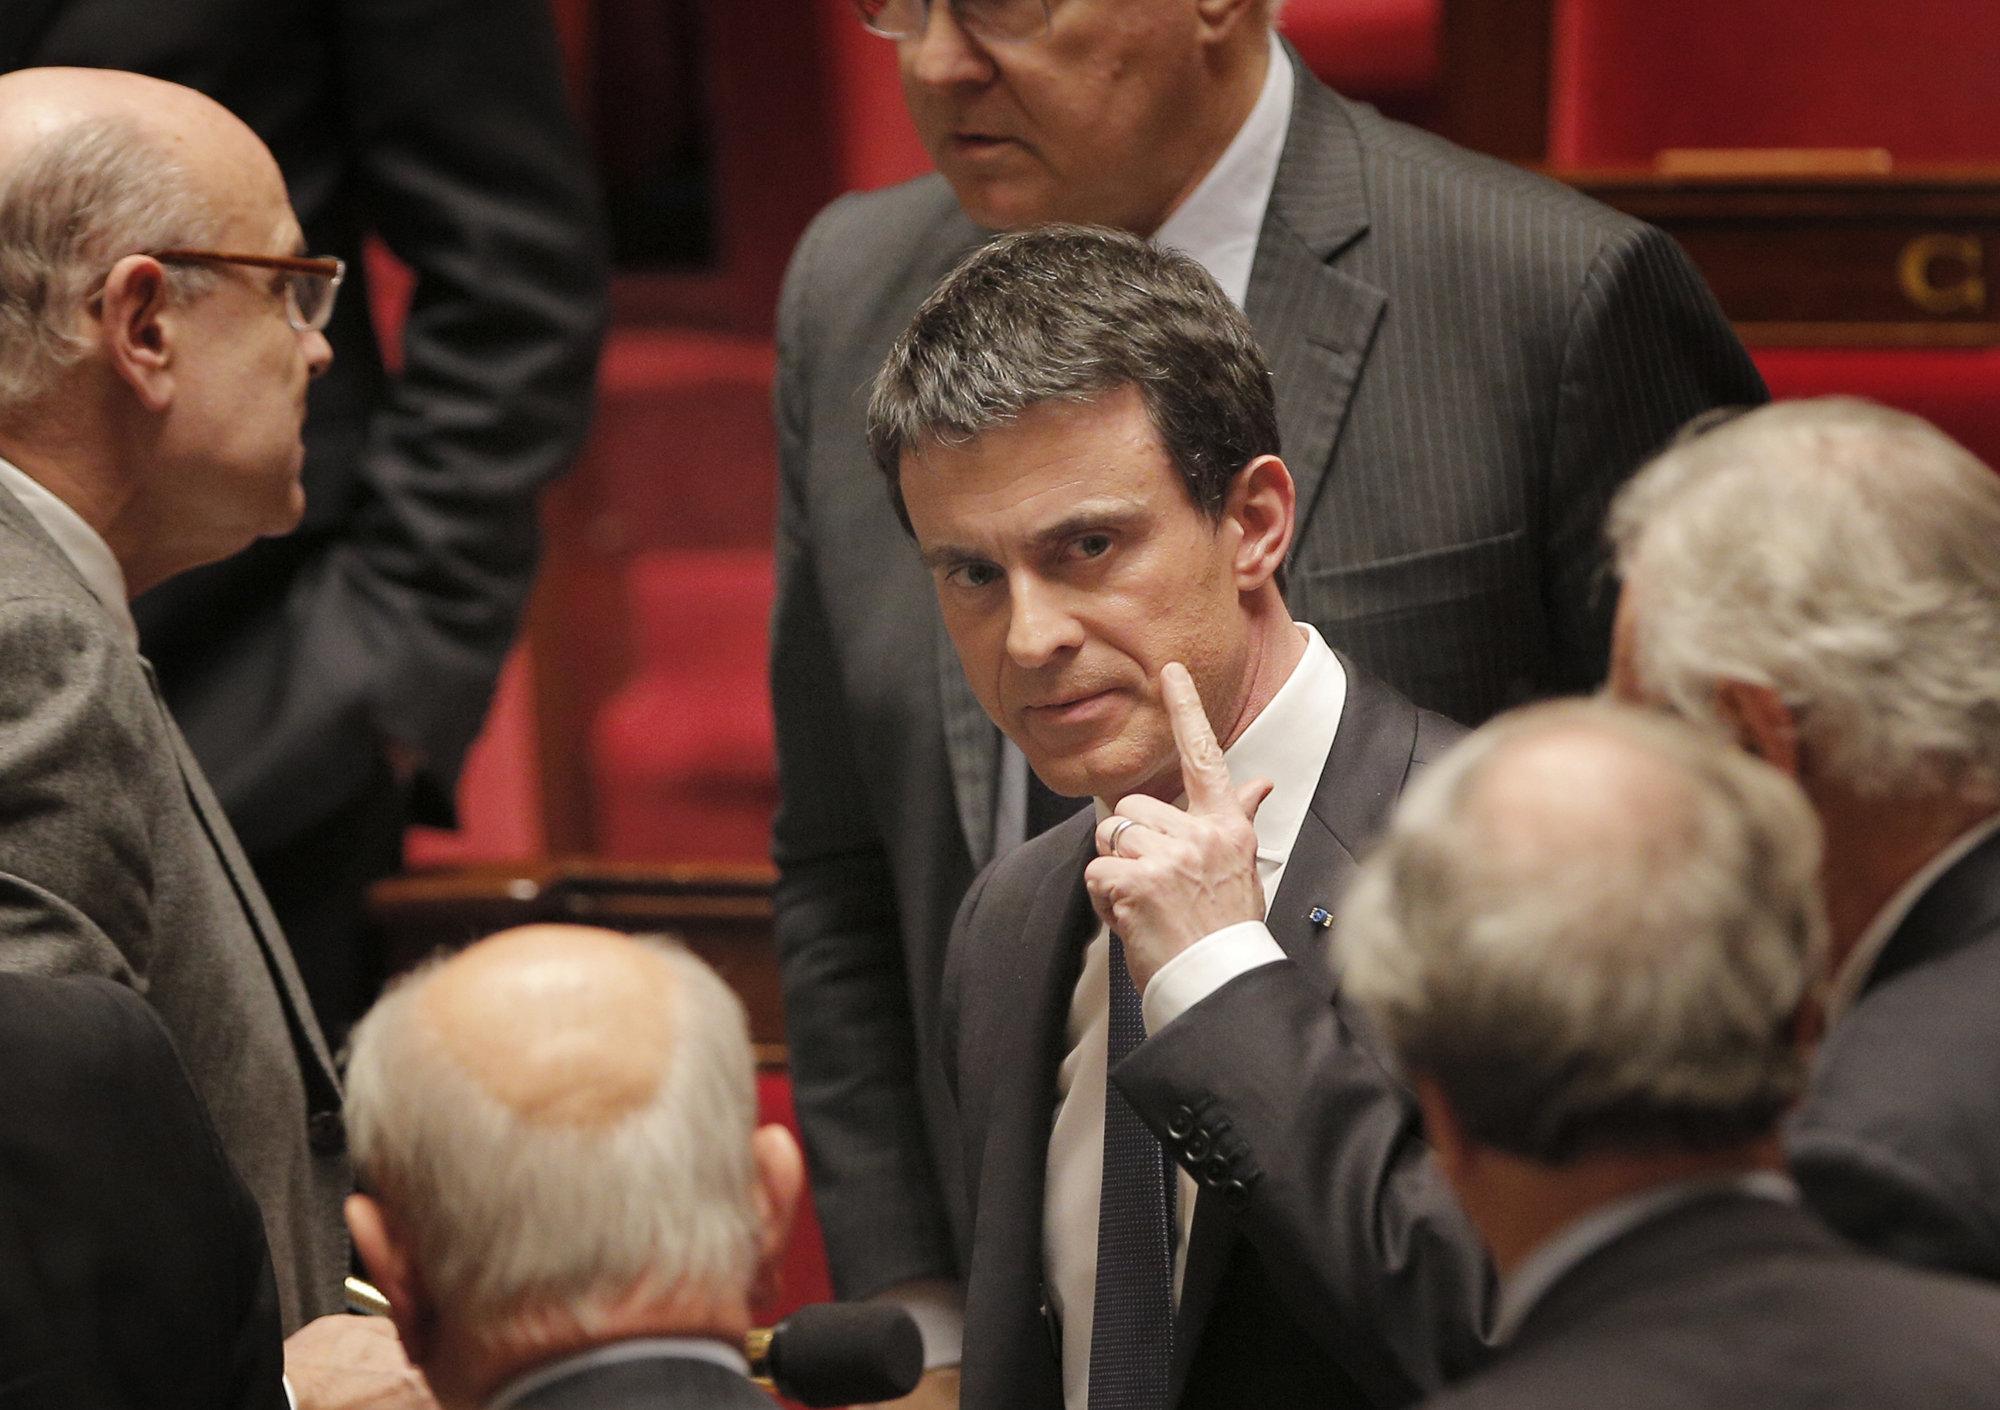 Европейские политики играют с дьяволом, демонстрируя цинизм и продажность